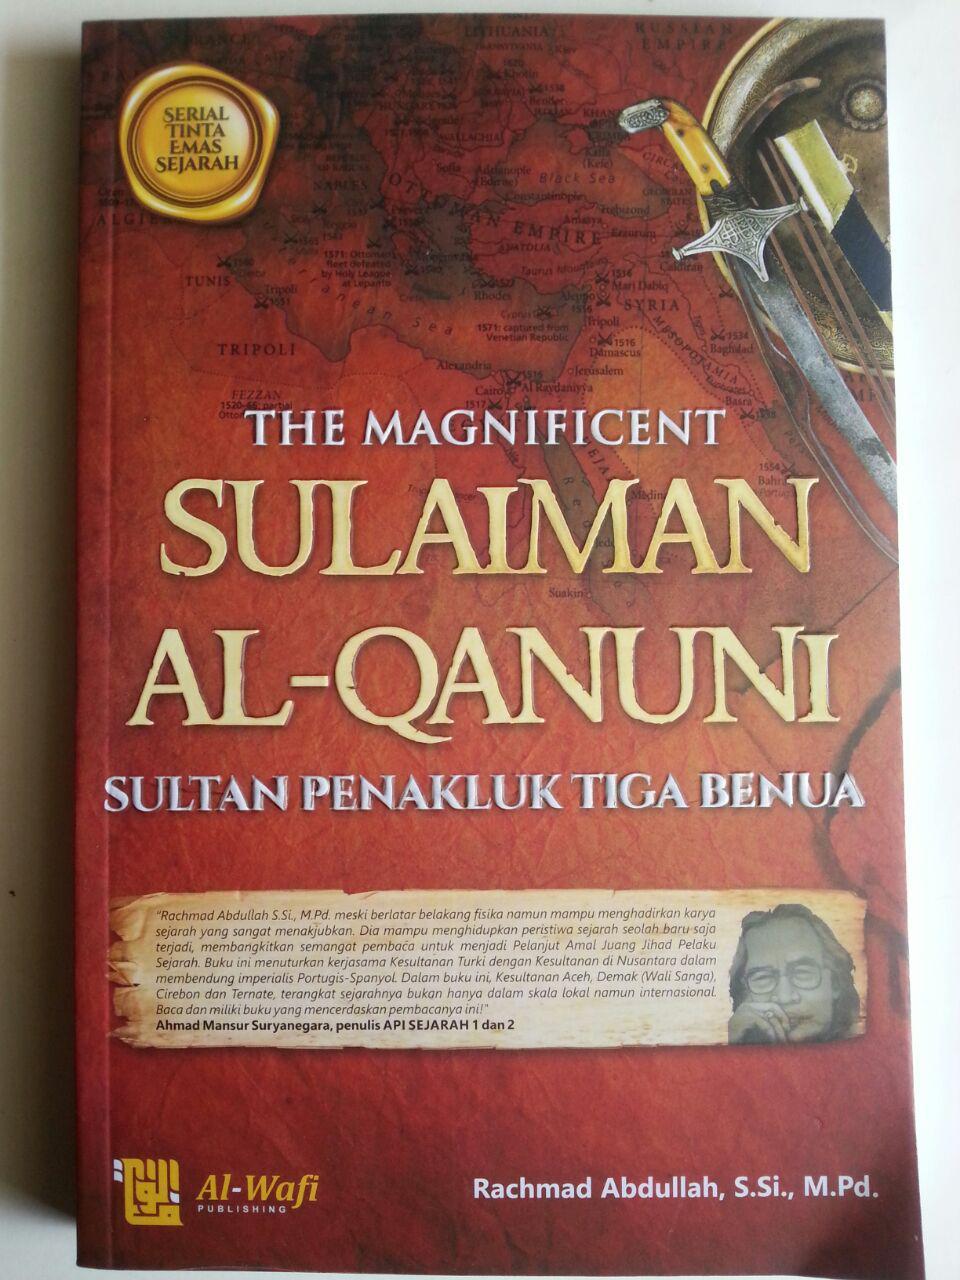 Buku The Magnificent Sulaiman Al-Qanuni Sultan Penakluk Tiga Benua cover 2